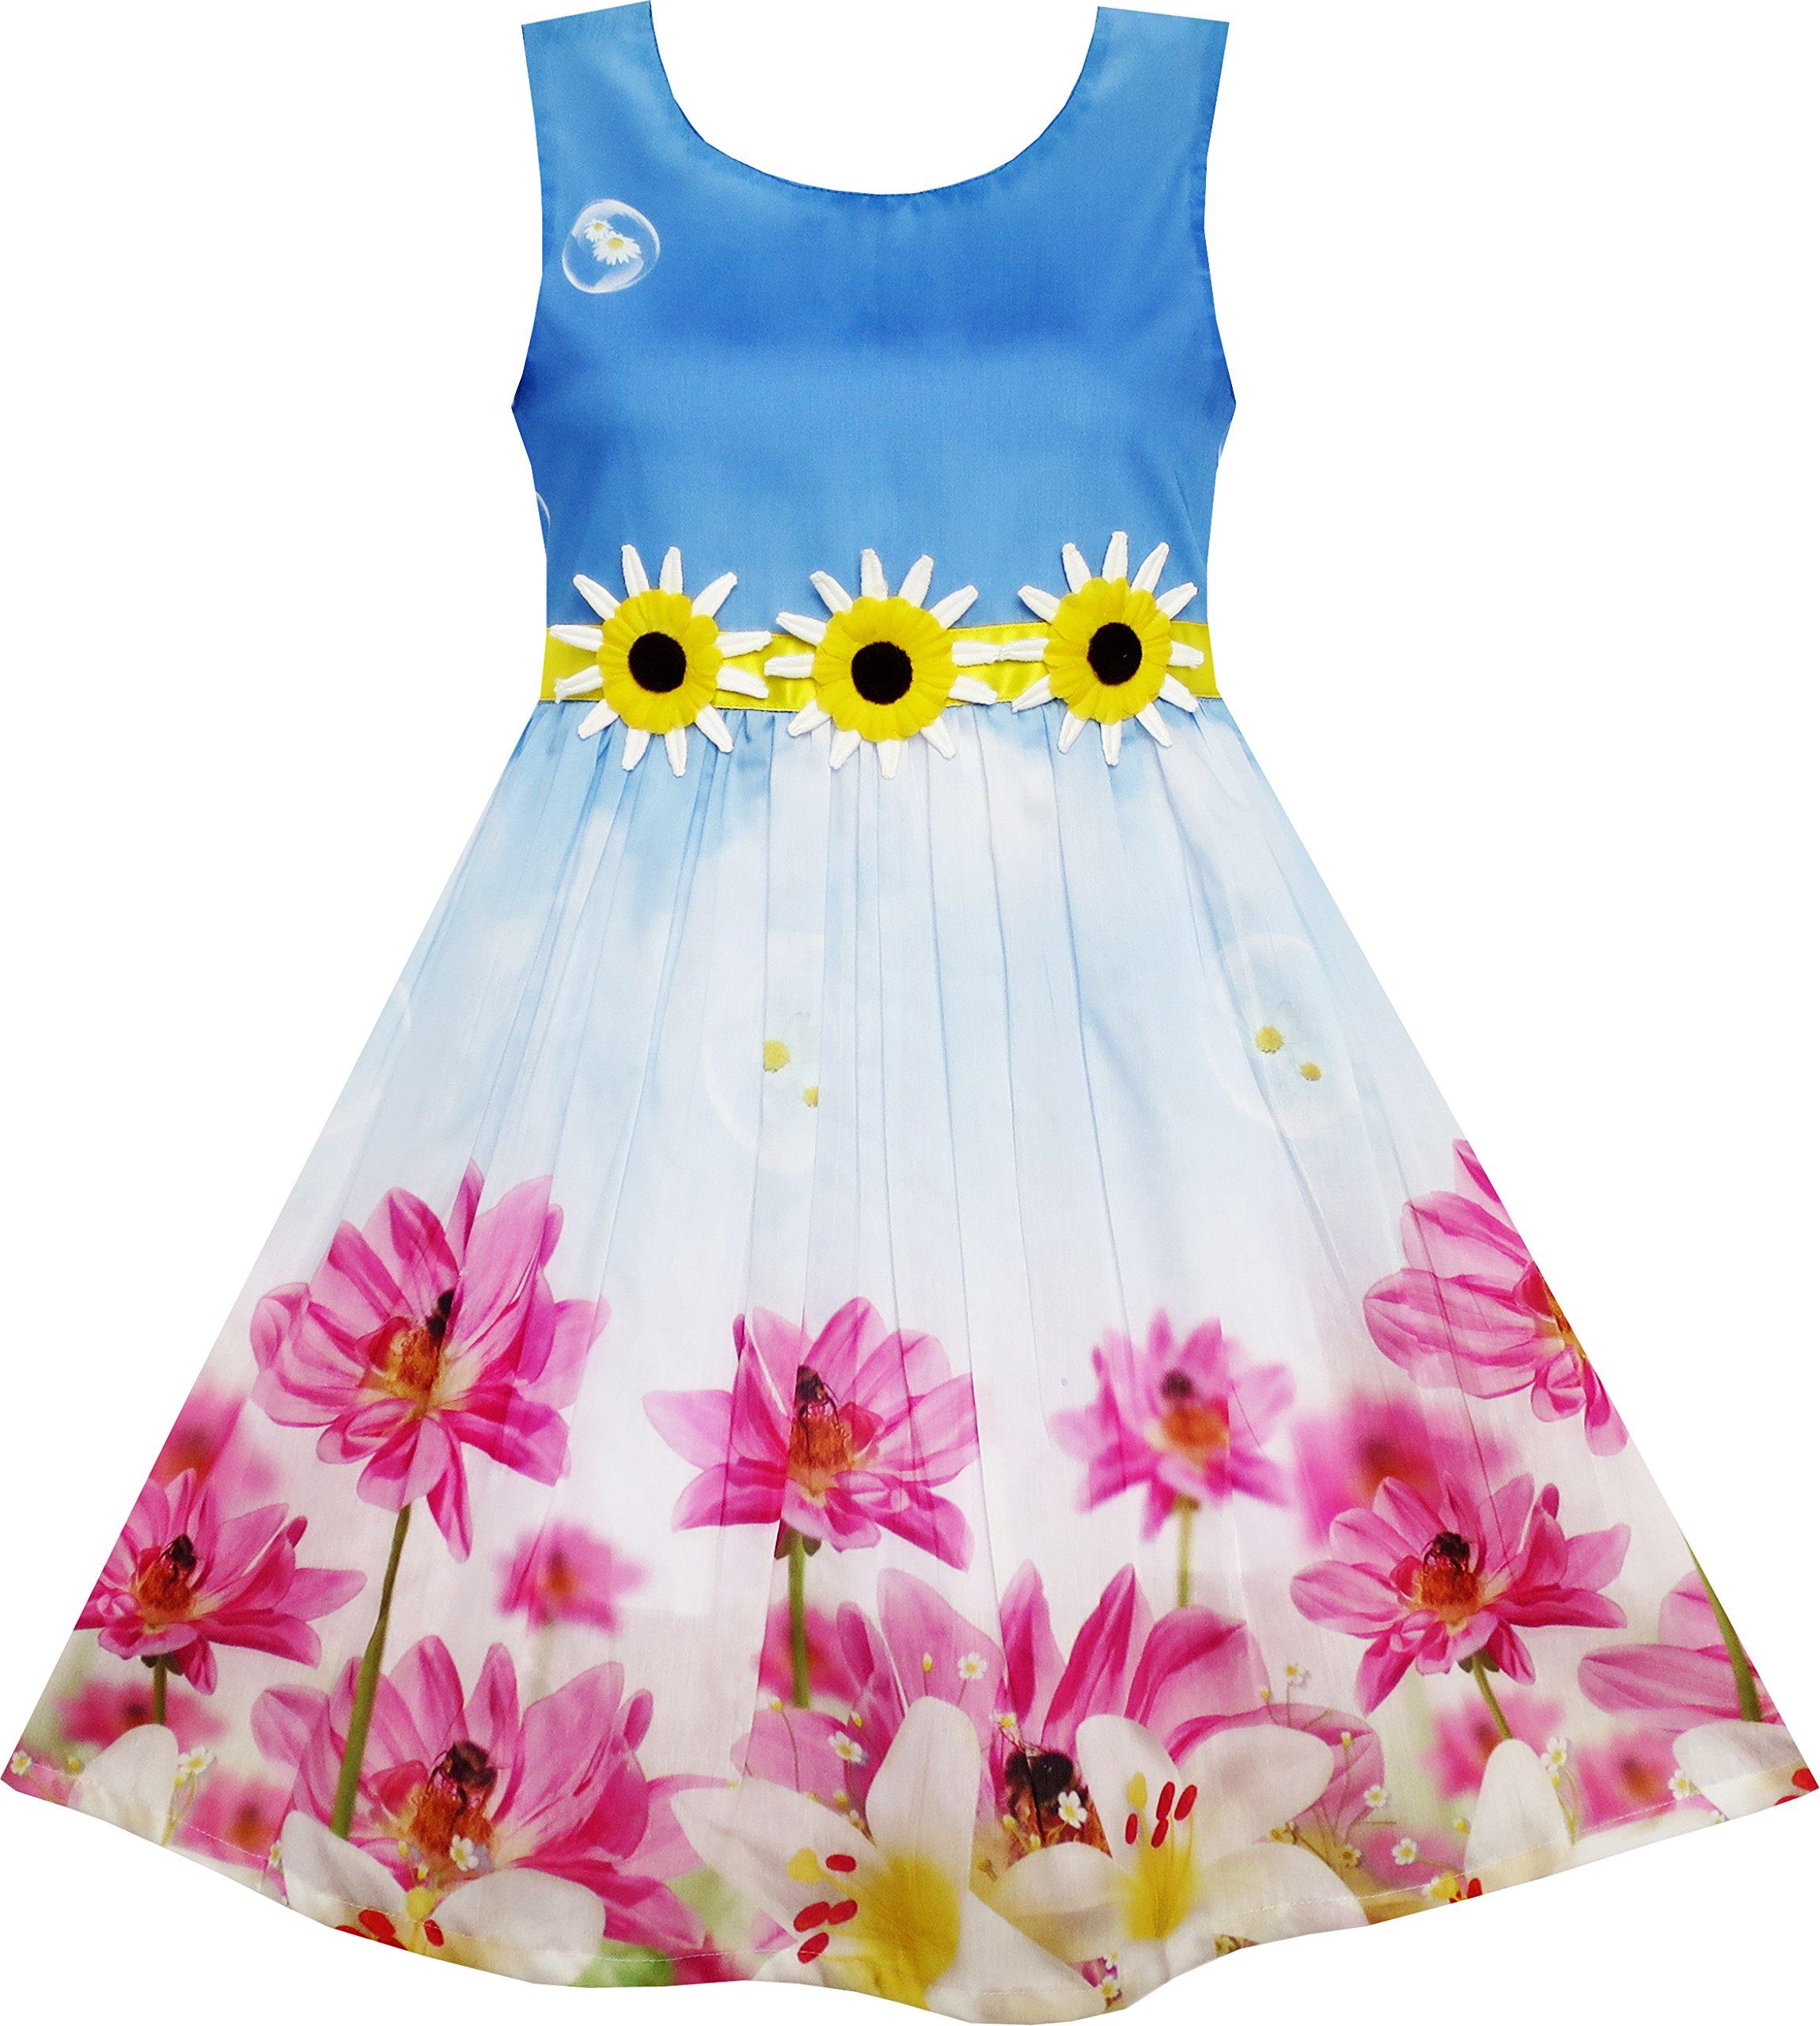 Lily Dress Amazon